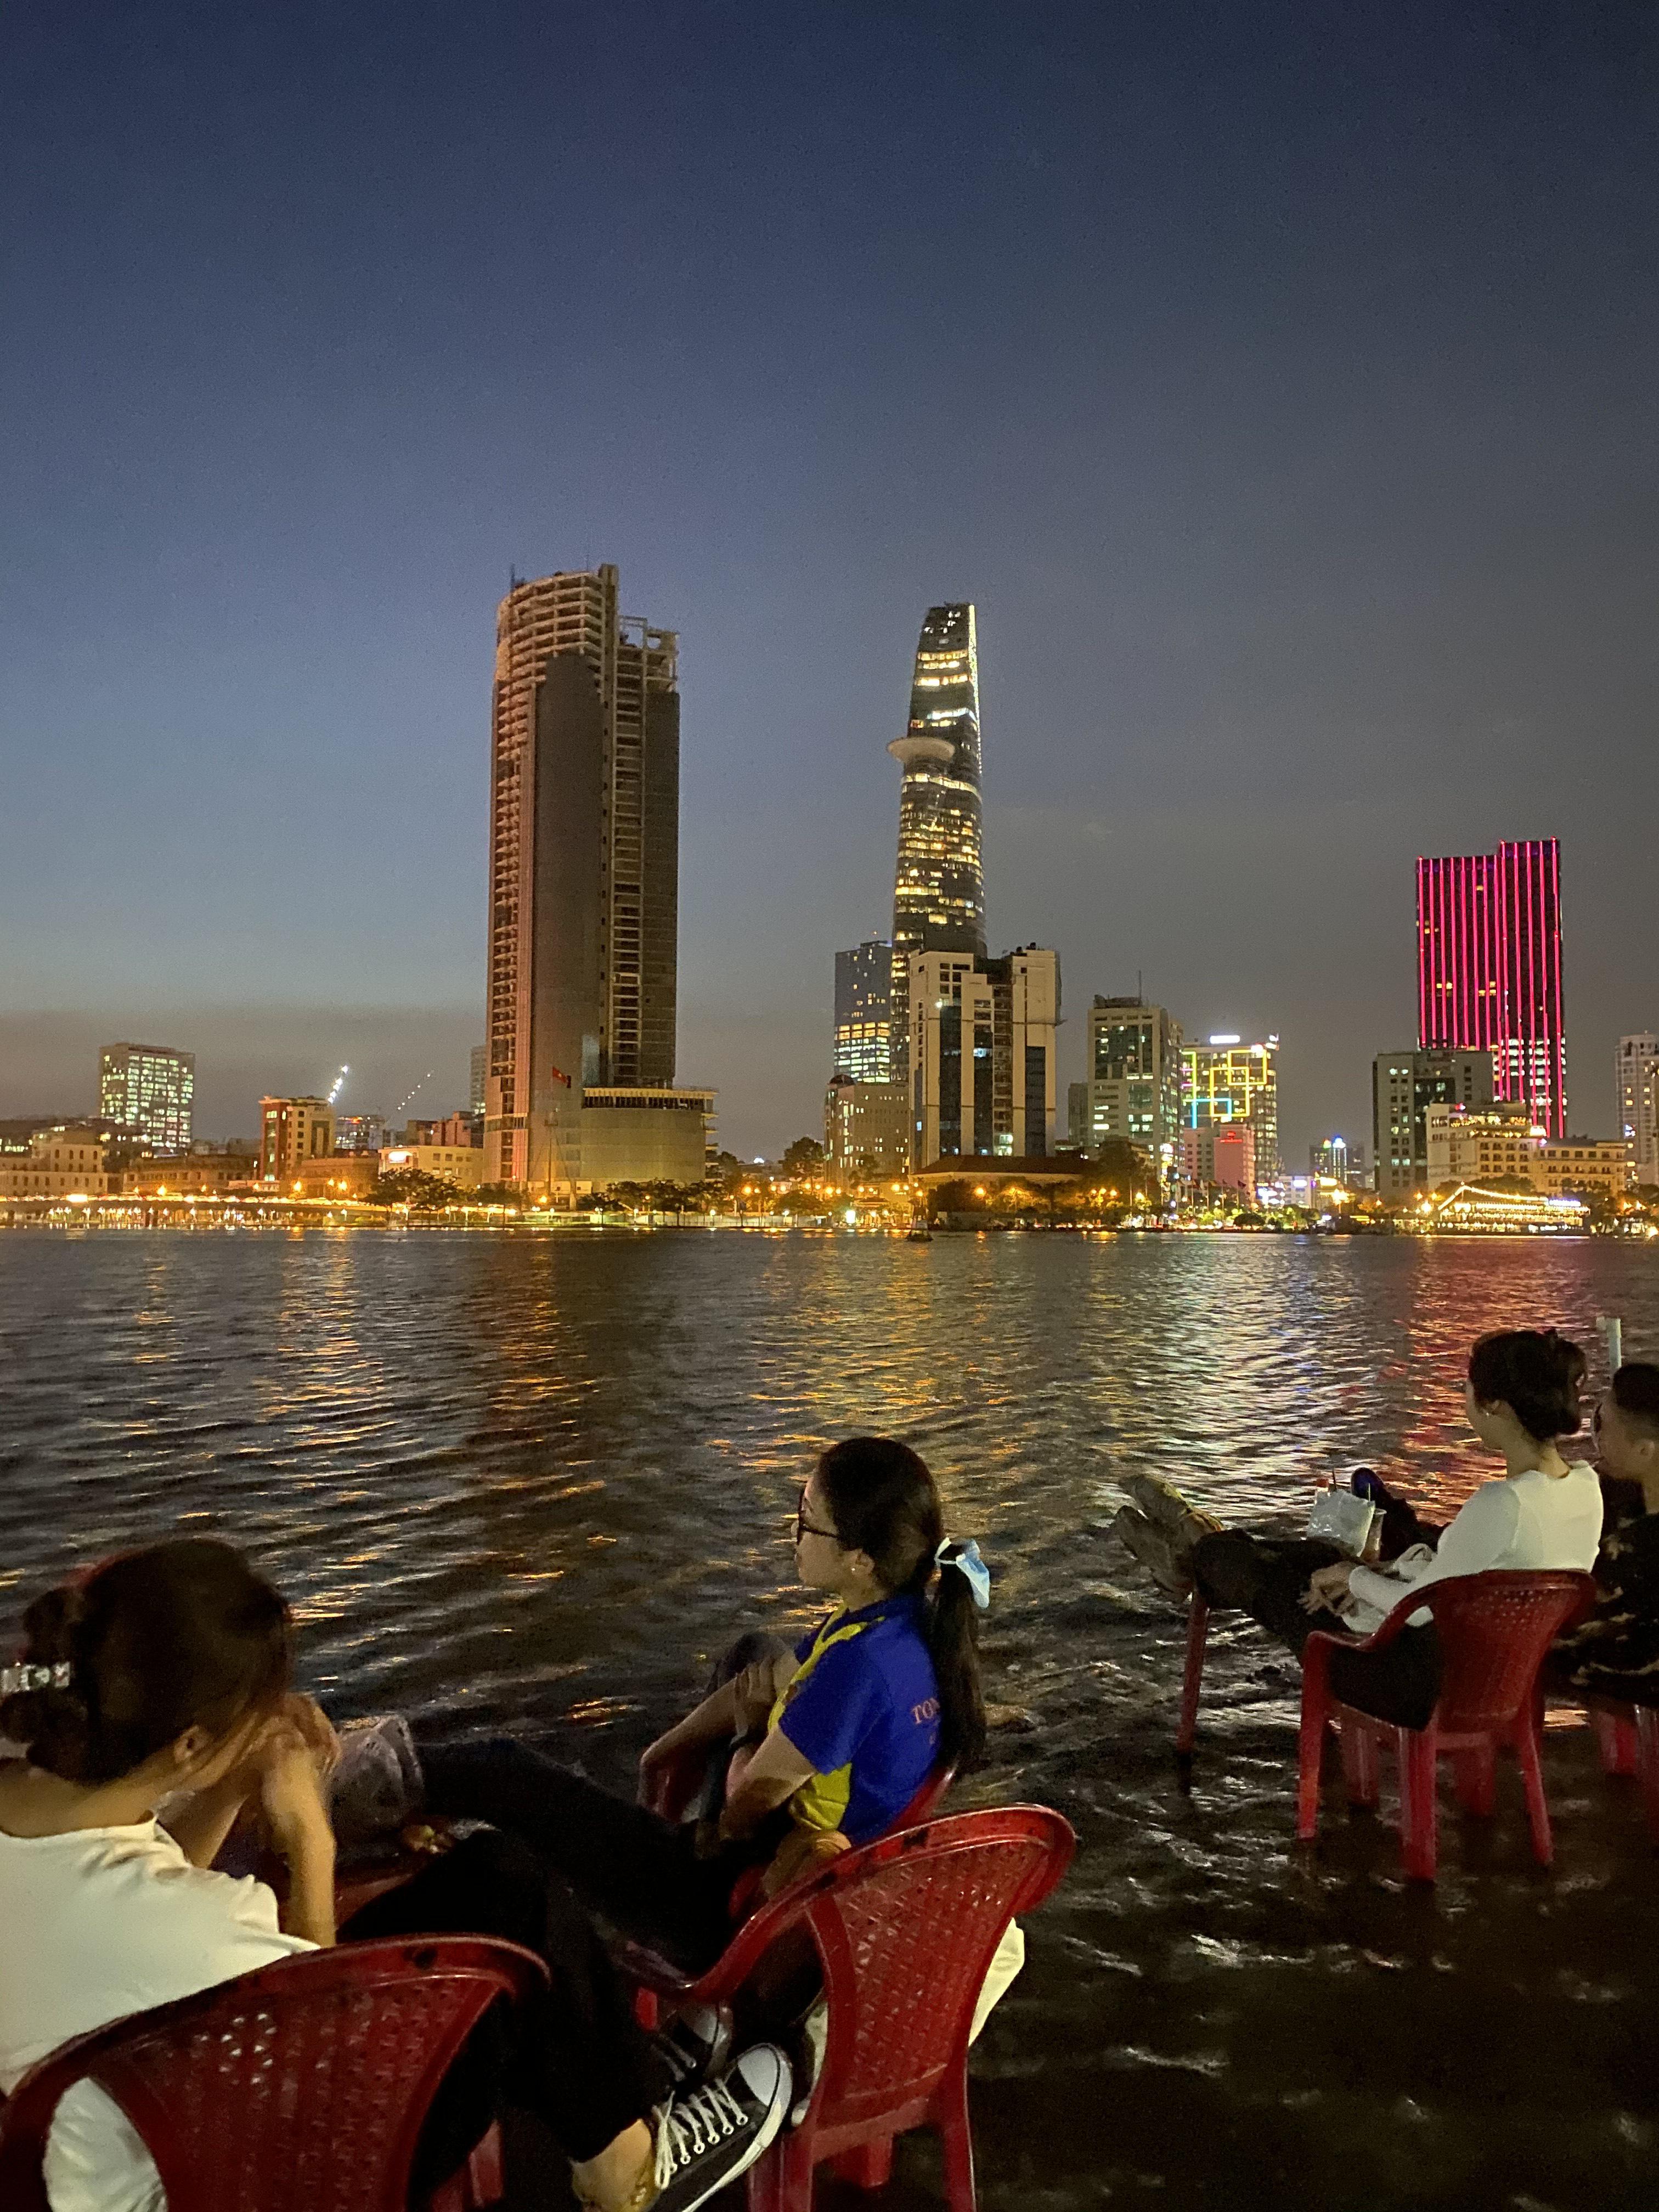 [Ảnh] Người Sài Gòn ngồi ngắm hoàng hôn giữa mênh mông nước - Ảnh 6.